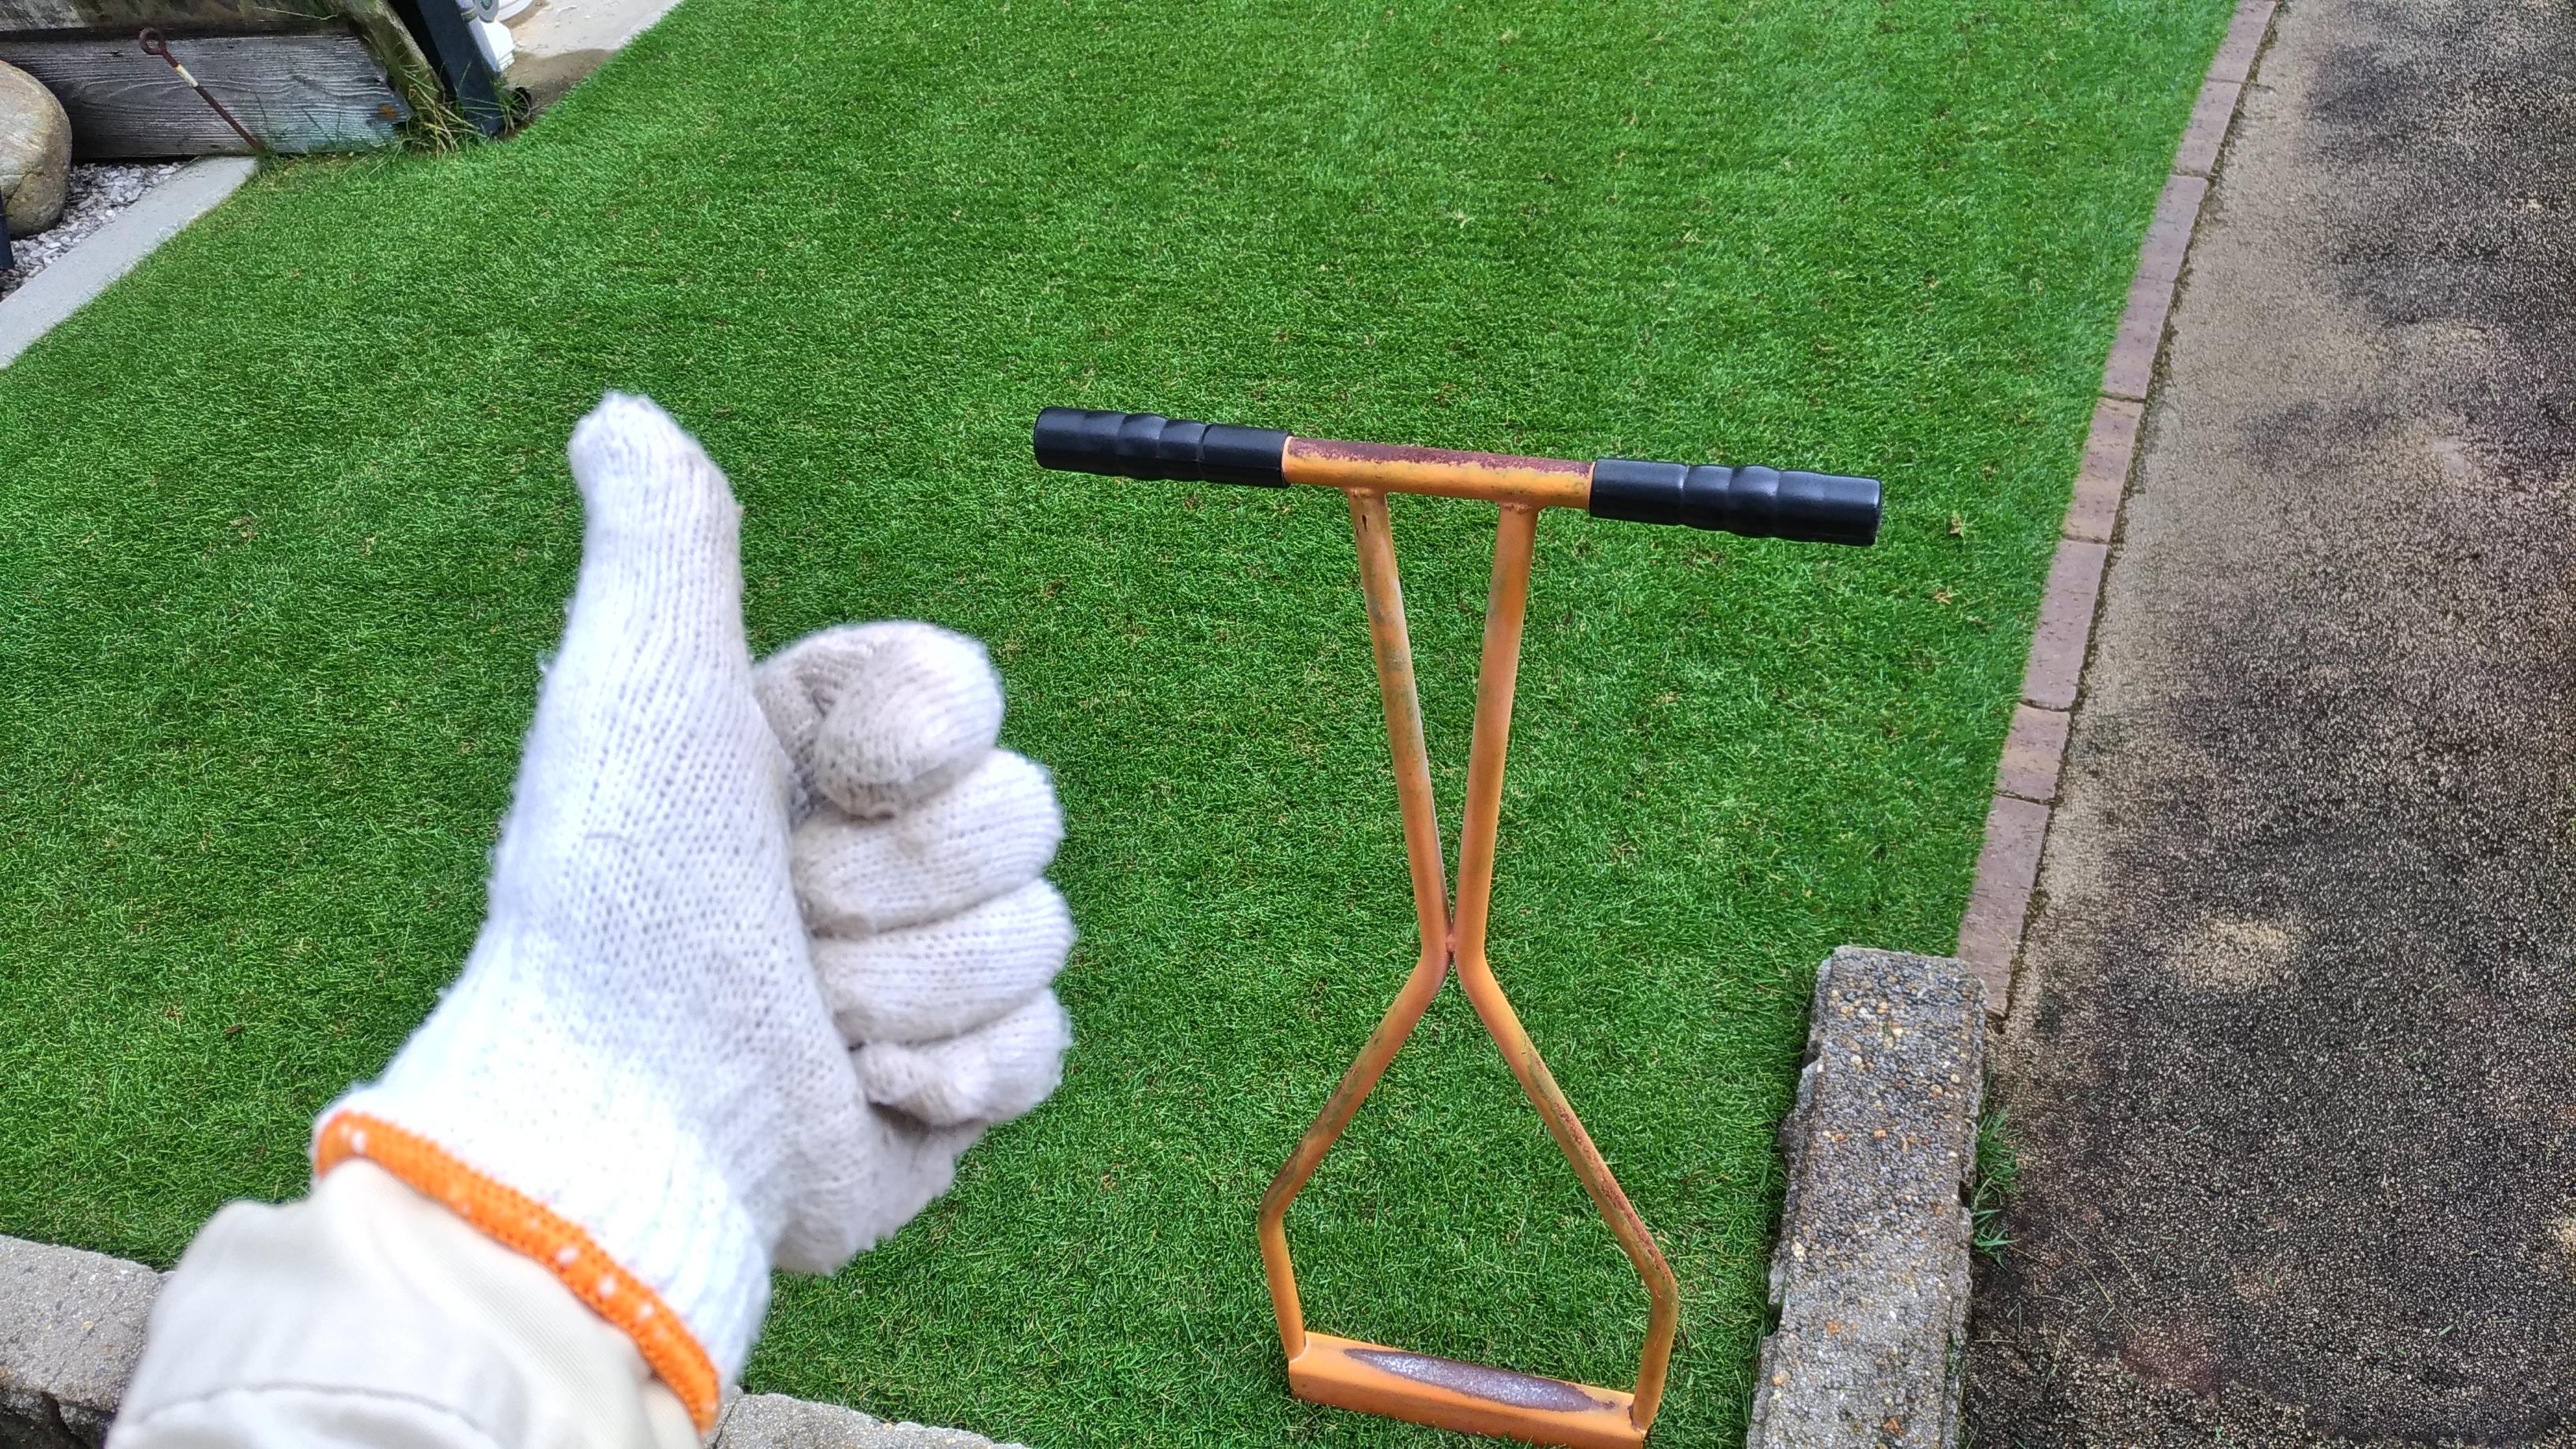 芝生エアレーションを時間短縮する方法😃✨